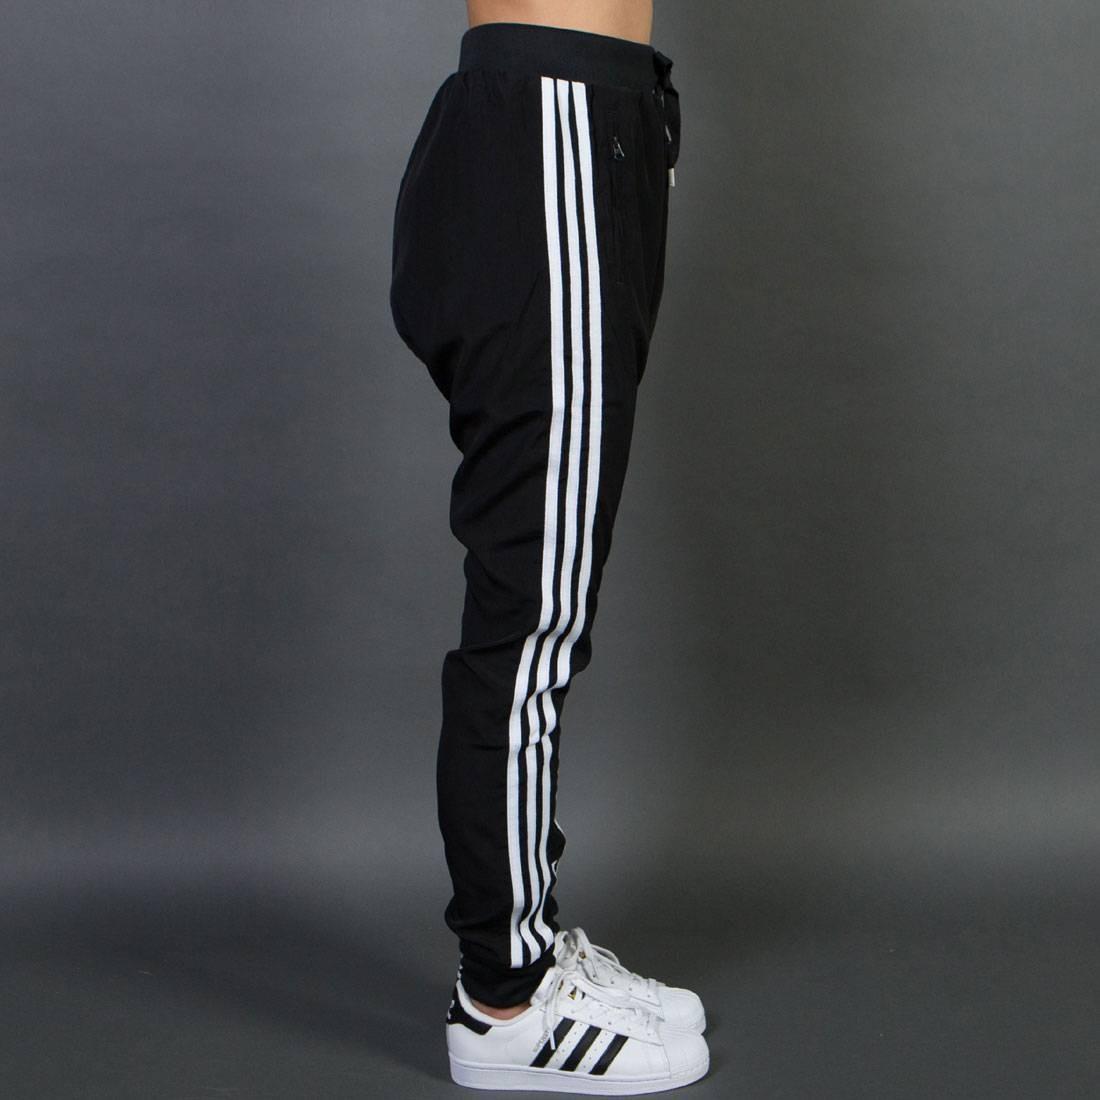 Details about Adidas Women Drop Crotch Pants black